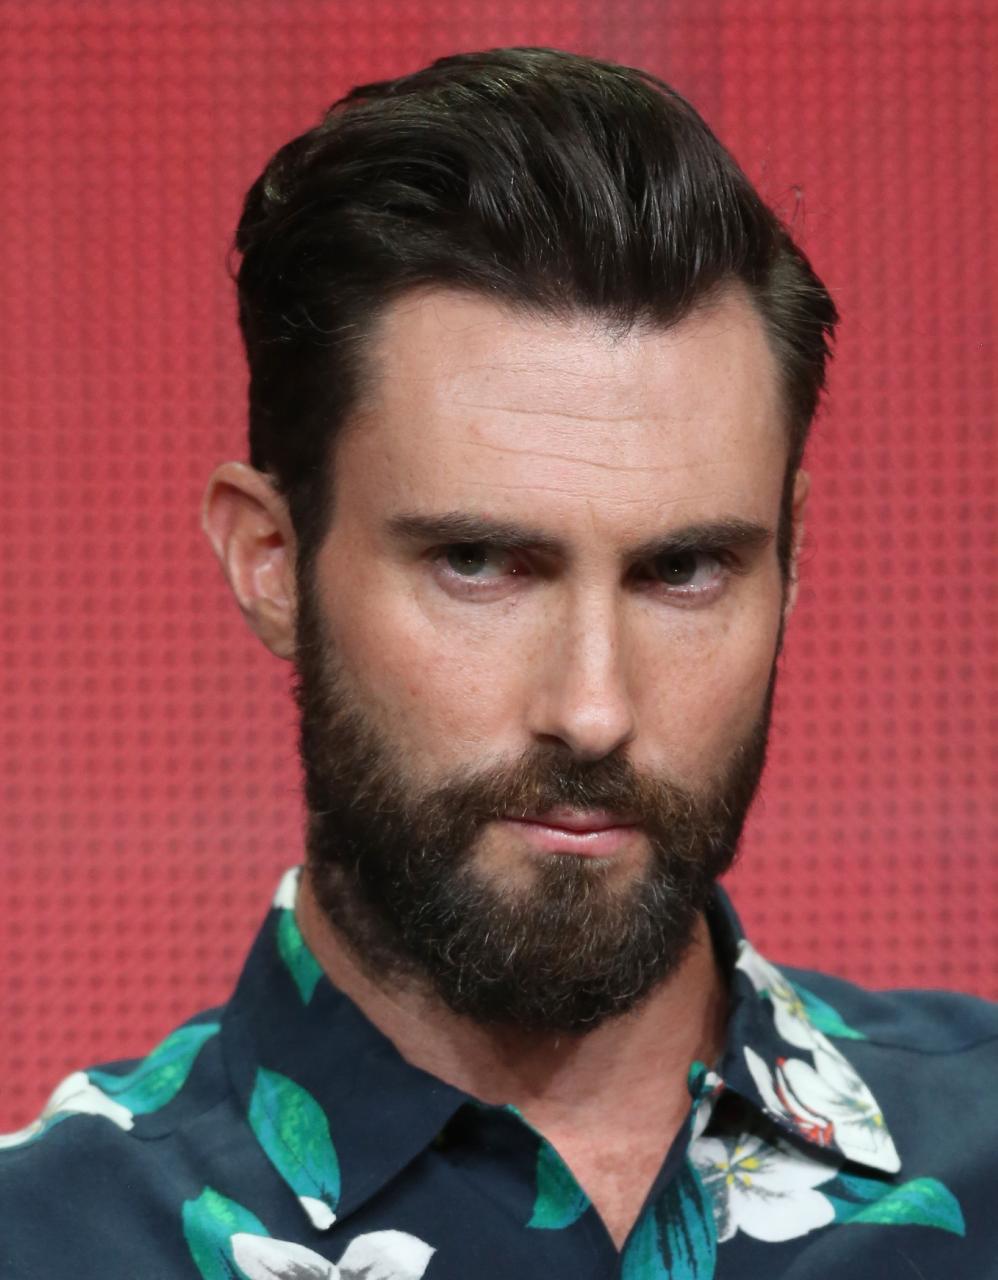 When Beards Attack Adam Levine Edition